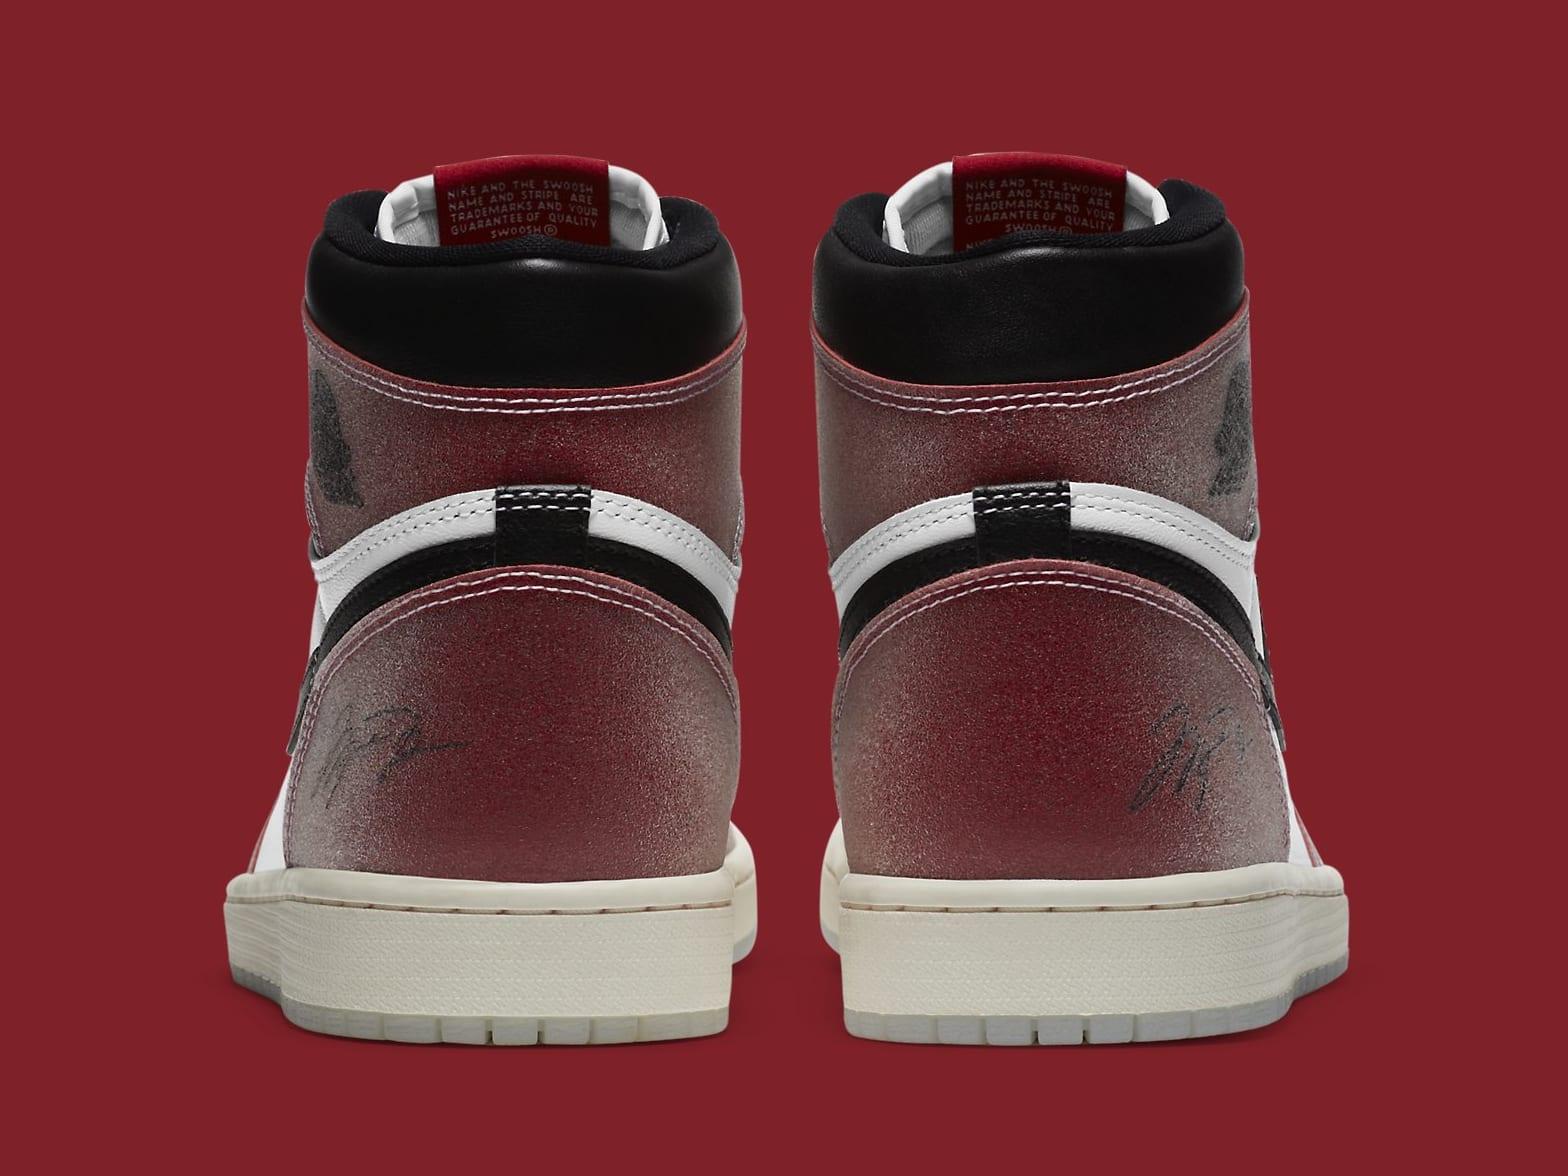 Trophy Room x Air Jordan 1 Release Date DA2728-100 Heel